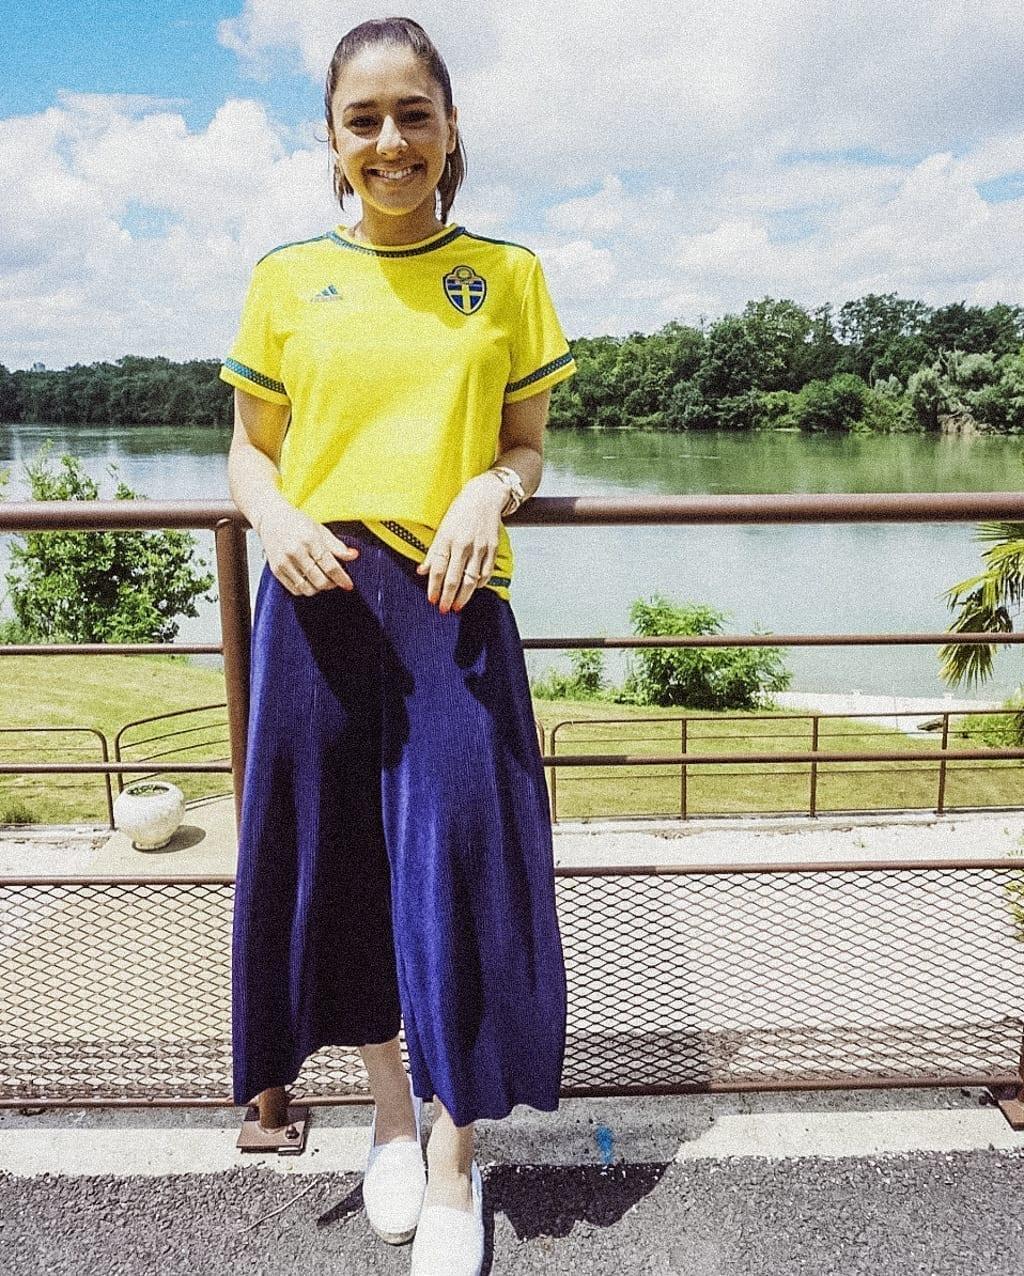 ck-constantlyk-com-shanga-forsberg-swedish-football-soccer-27